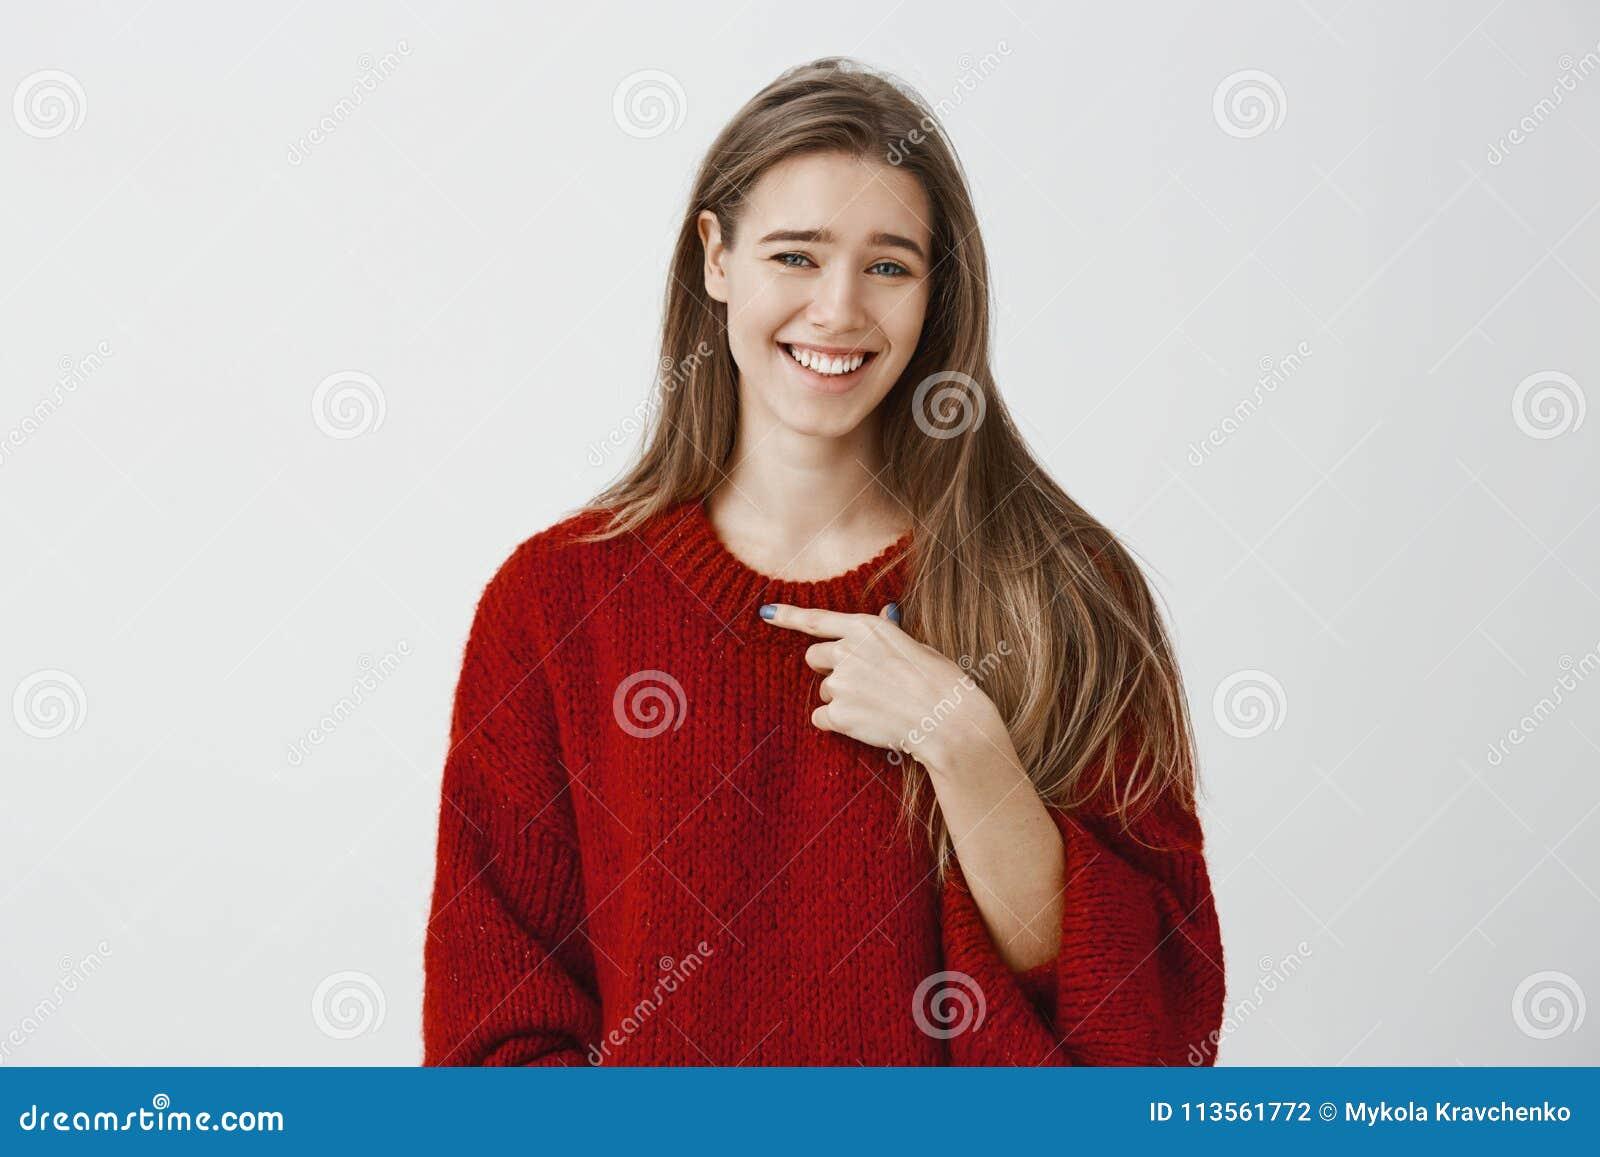 Quem eu, não me faz rir Retrato de disdaining mulheres europeias emotivas despreocupadas na camiseta fraca vermelha, apontando em